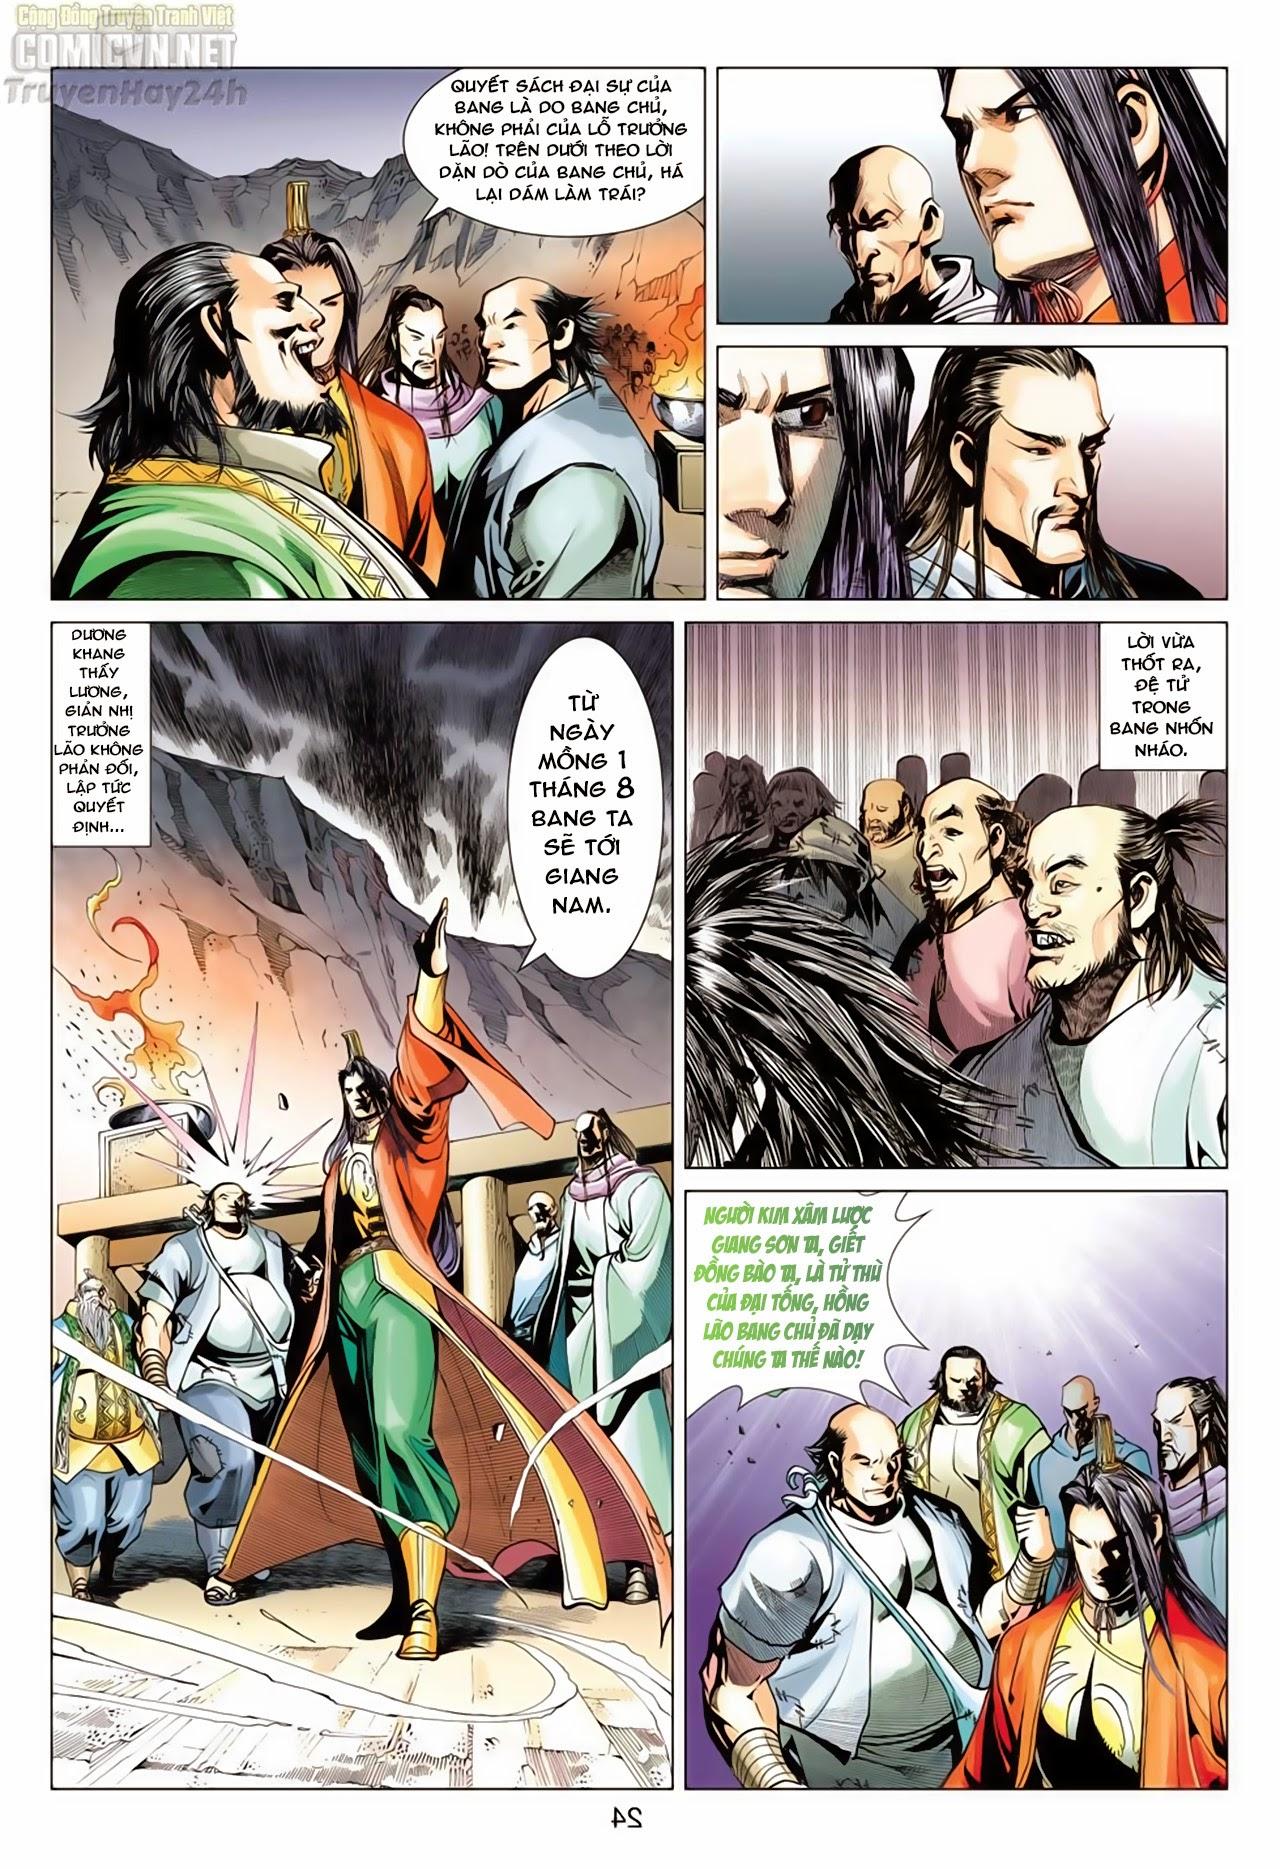 Anh Hùng Xạ Điêu anh hùng xạ đêu chap 66: nhạc châu đại hội trang 24